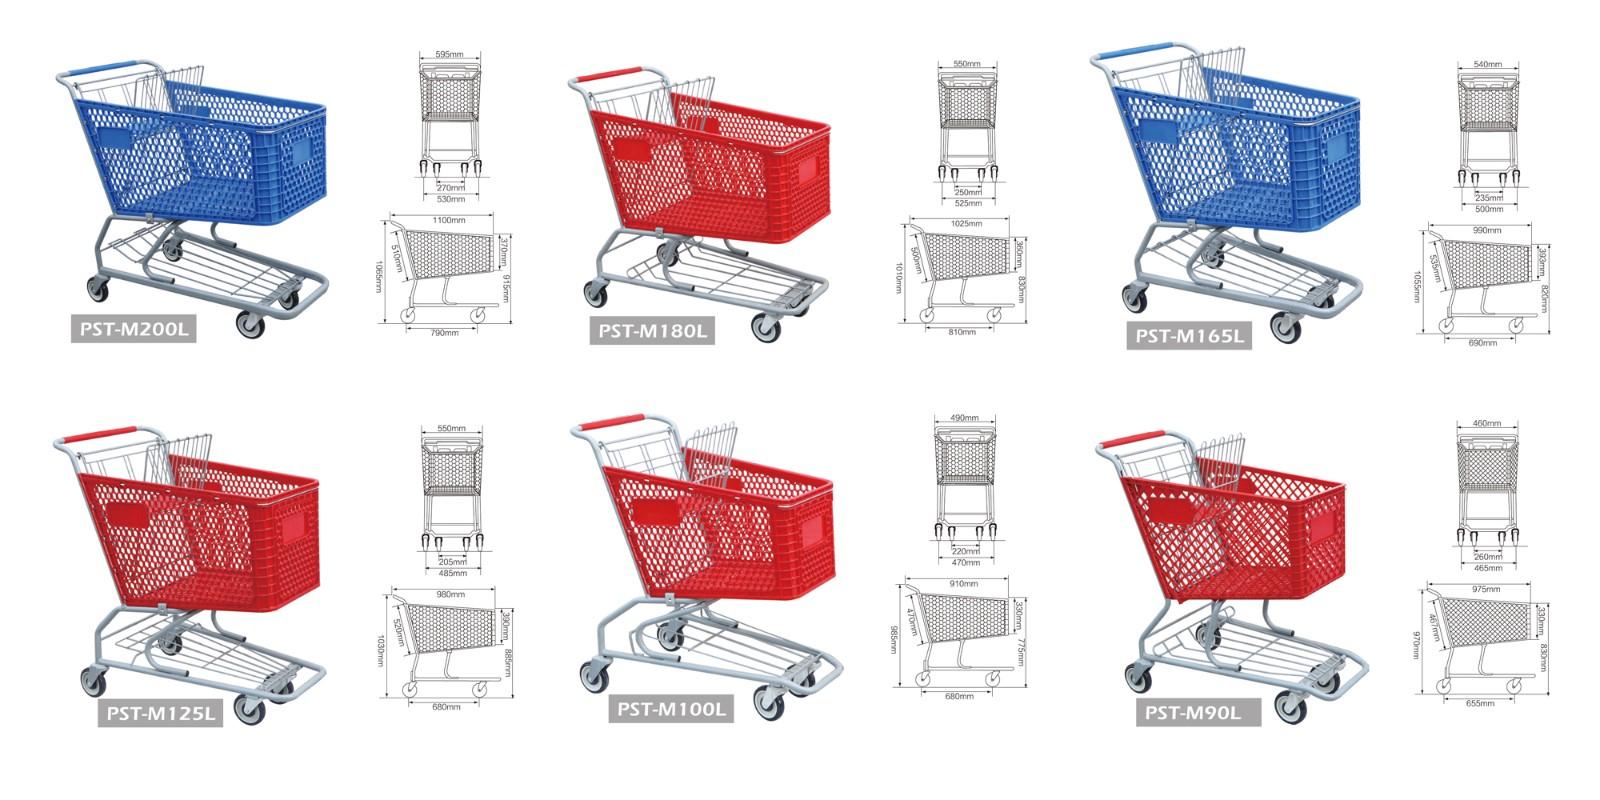 Model of plastic shopping cart